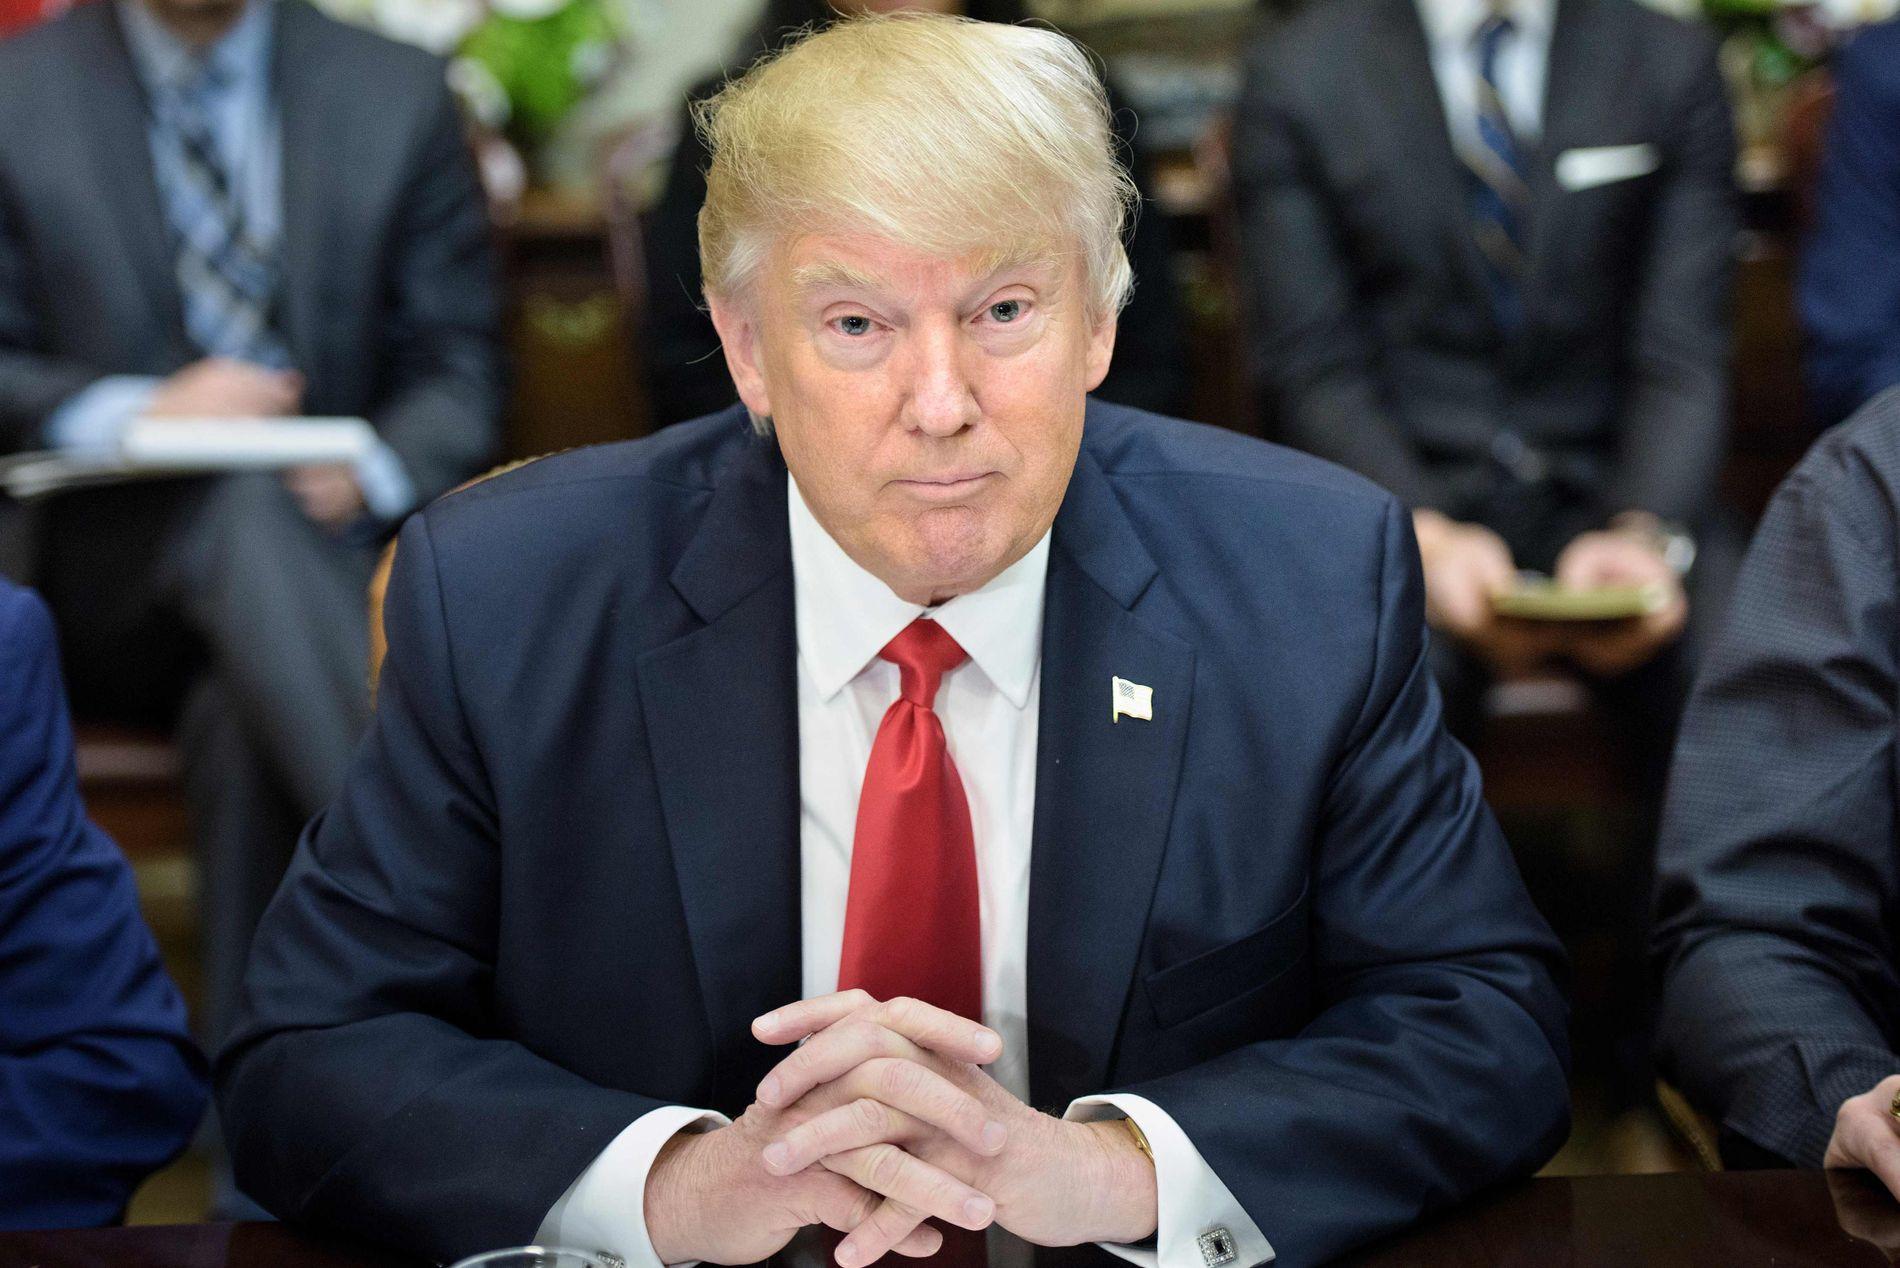 MISTER INNREISEFORBUDET: Trumps innreiseforbud stoppes av utenriksdepartementet i landet.